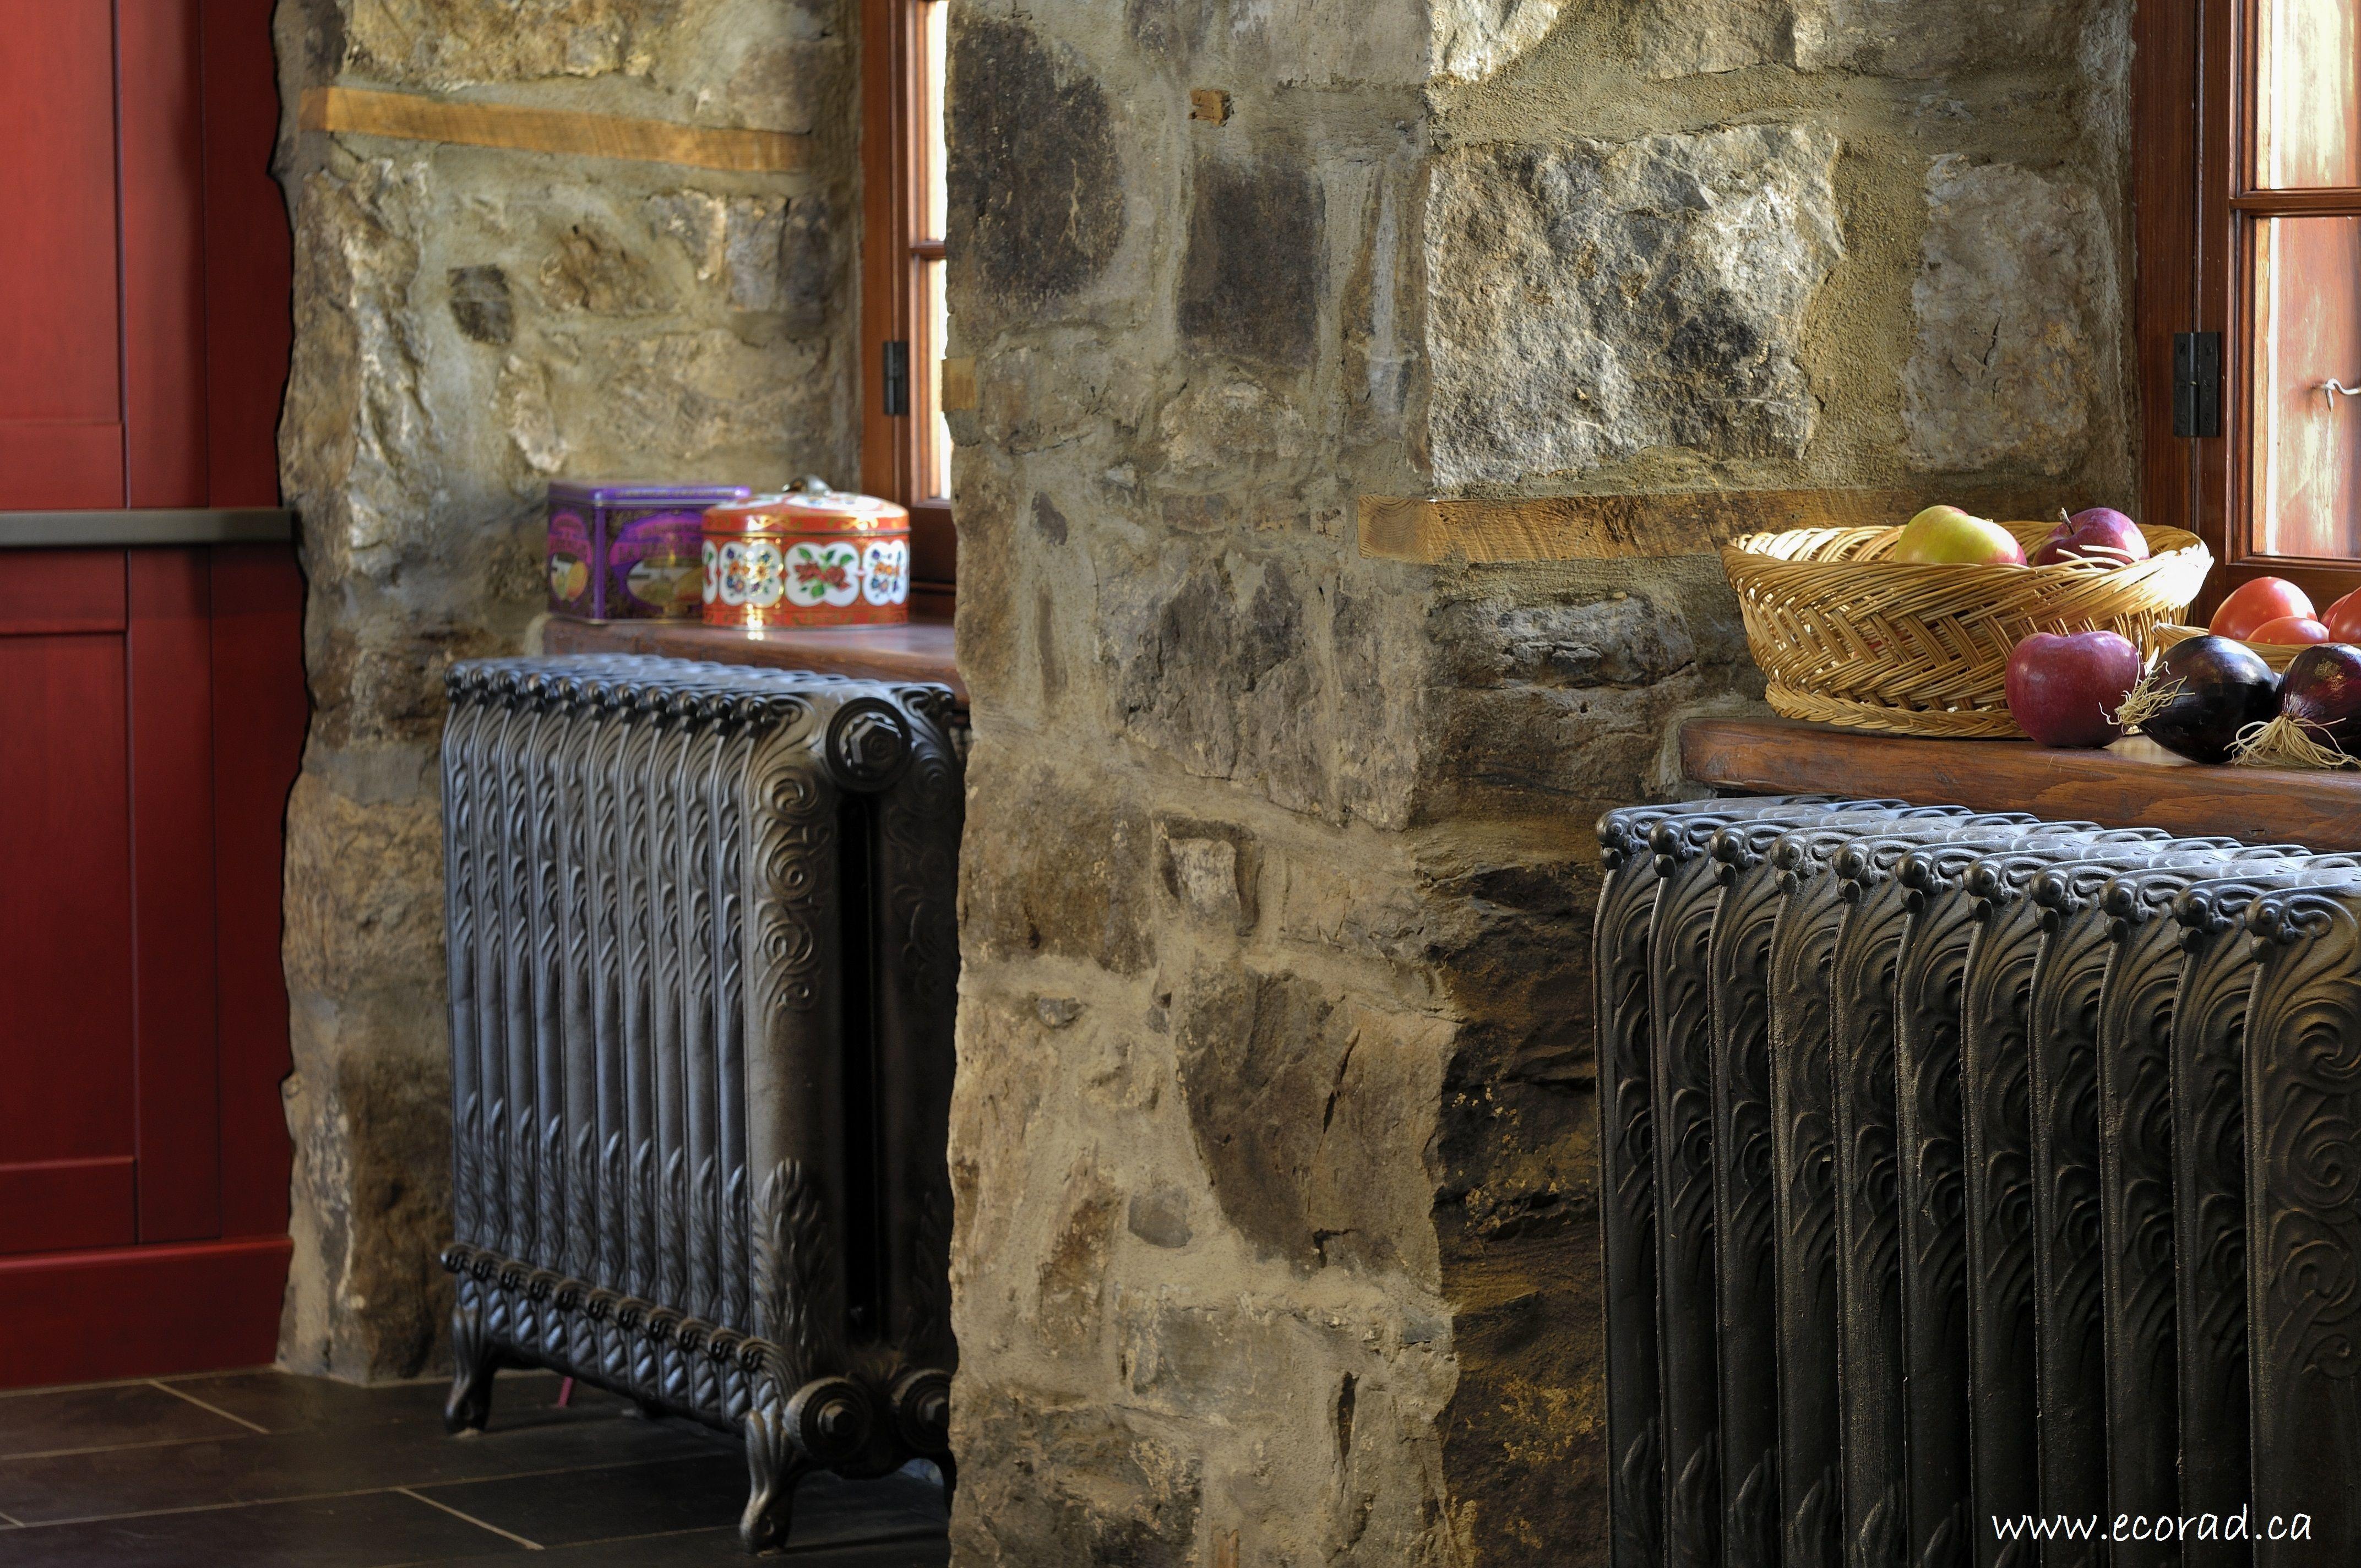 Cast Iron Radiator Radiateur De Fonte Pour Chauffage Wood Home Appliances Wood Stove